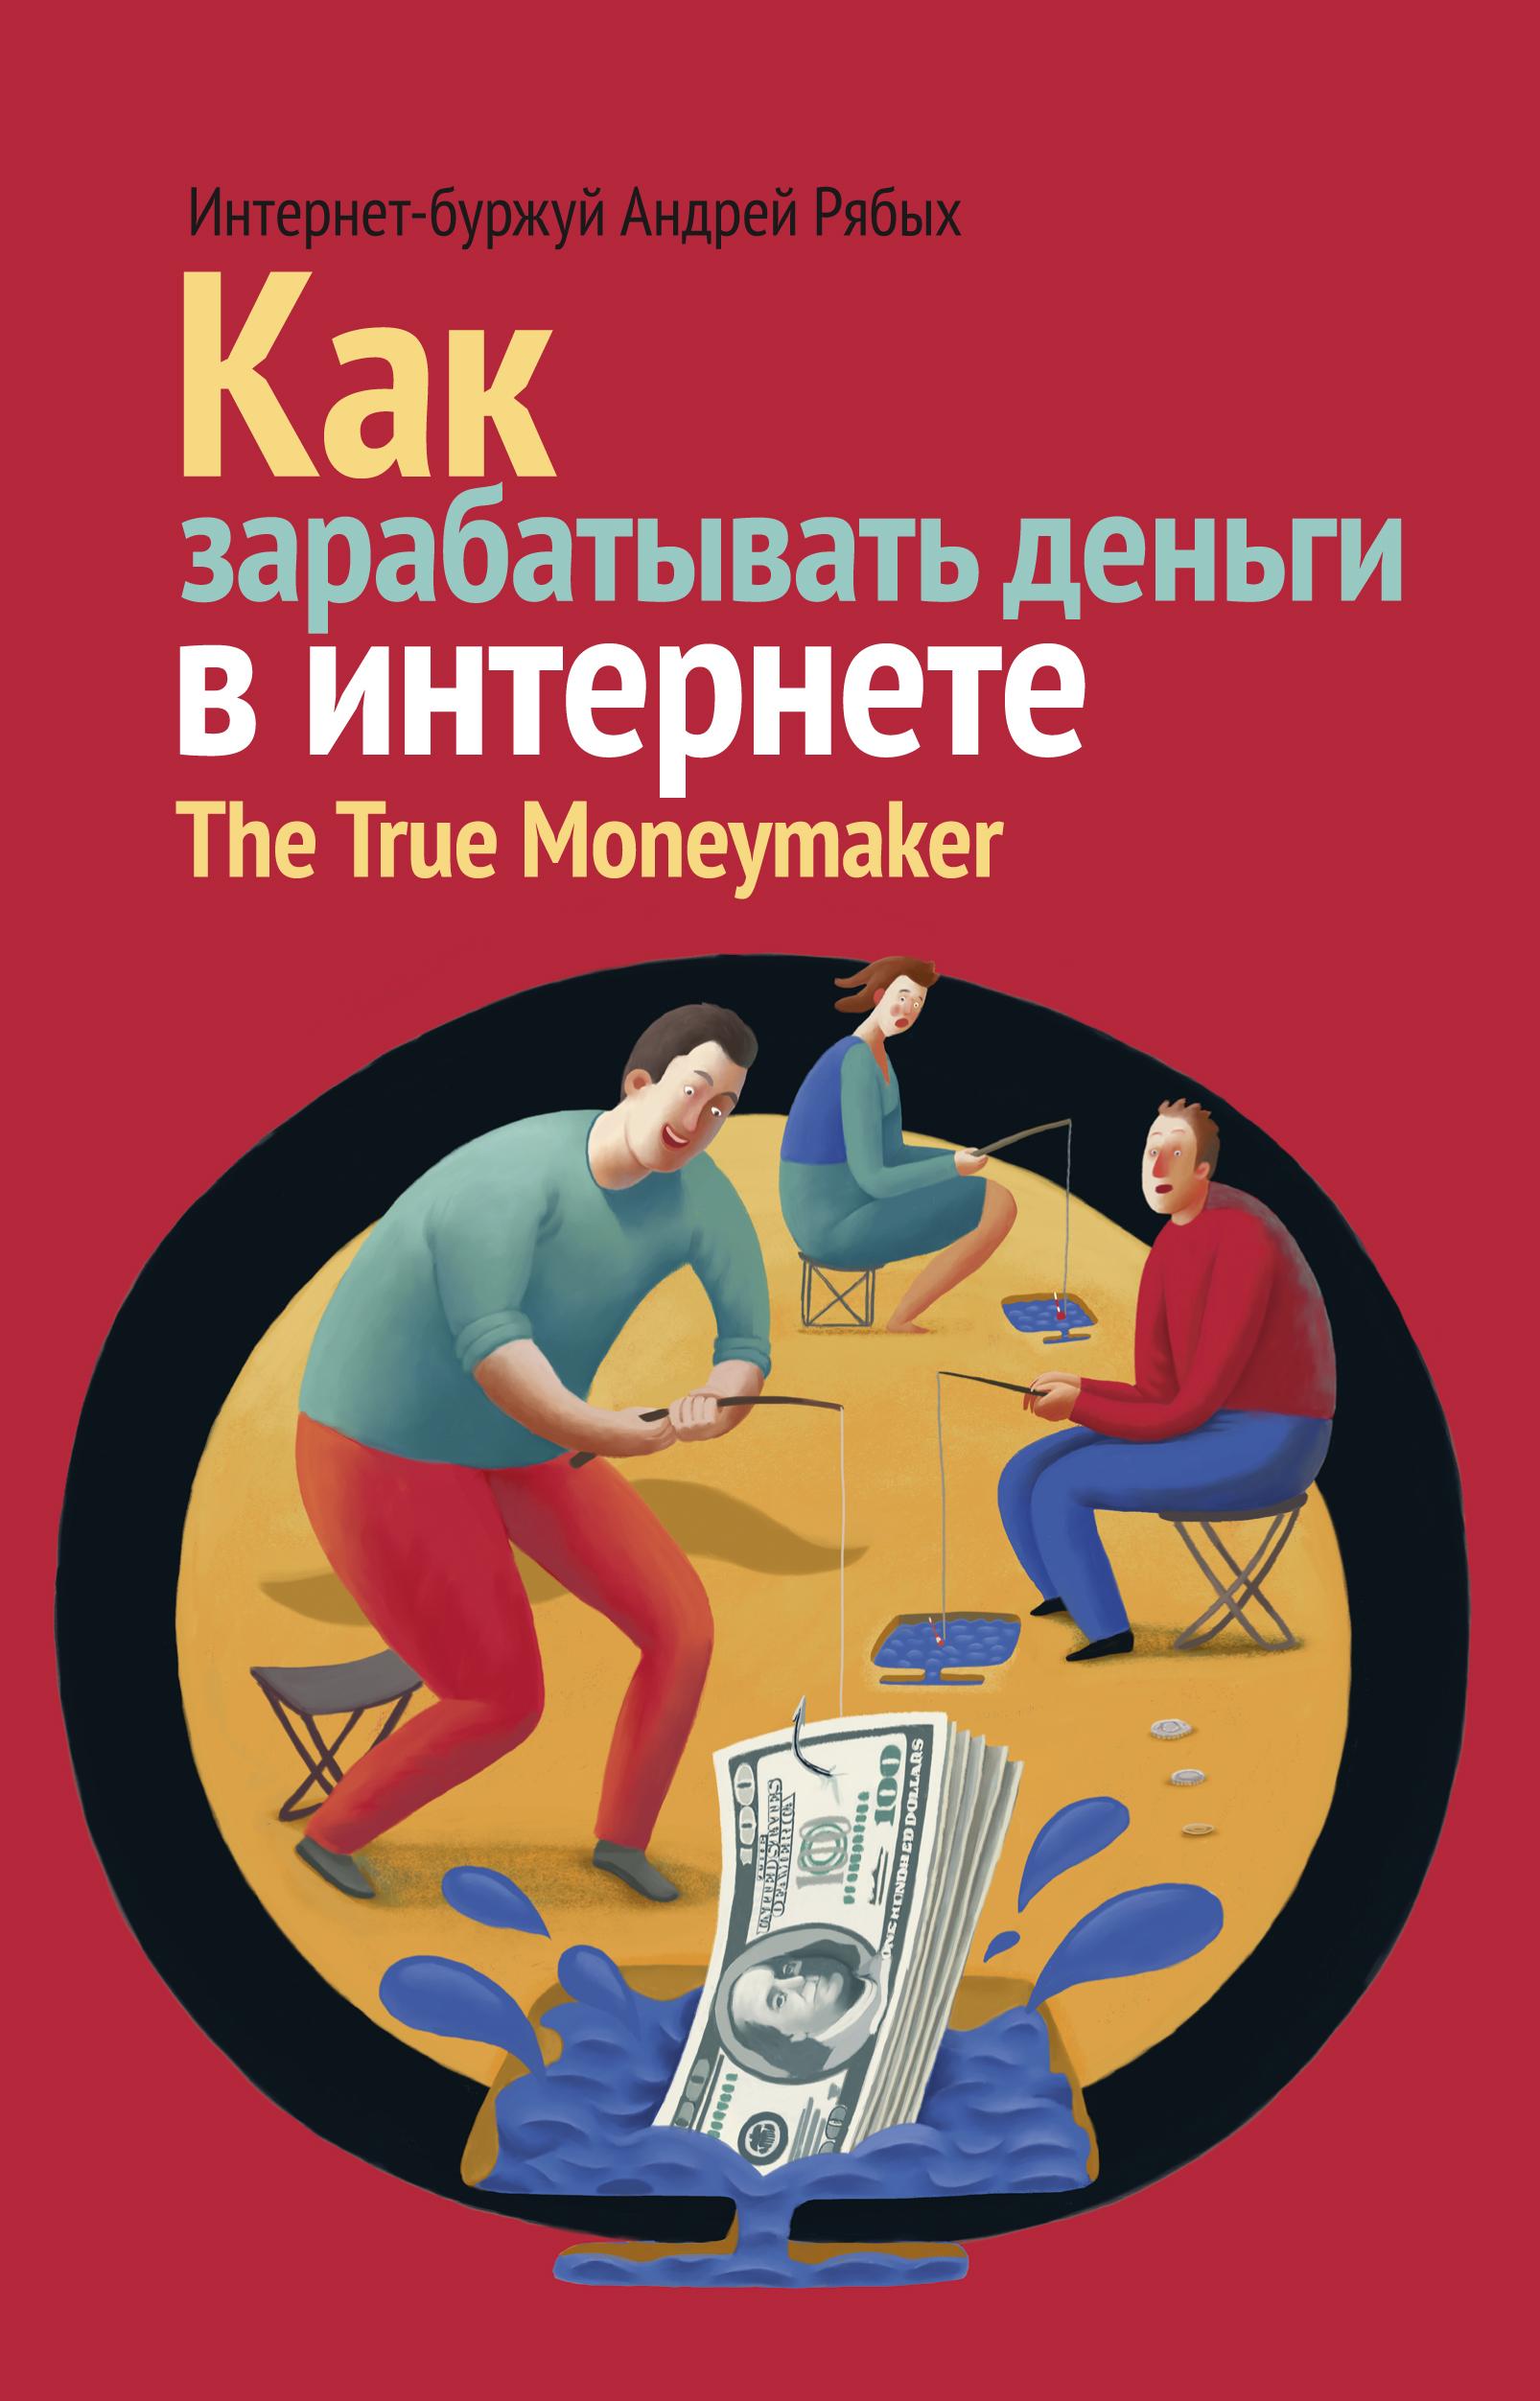 Рябых А. Как зарабатывать деньги в Интернете ремни где не в интернете